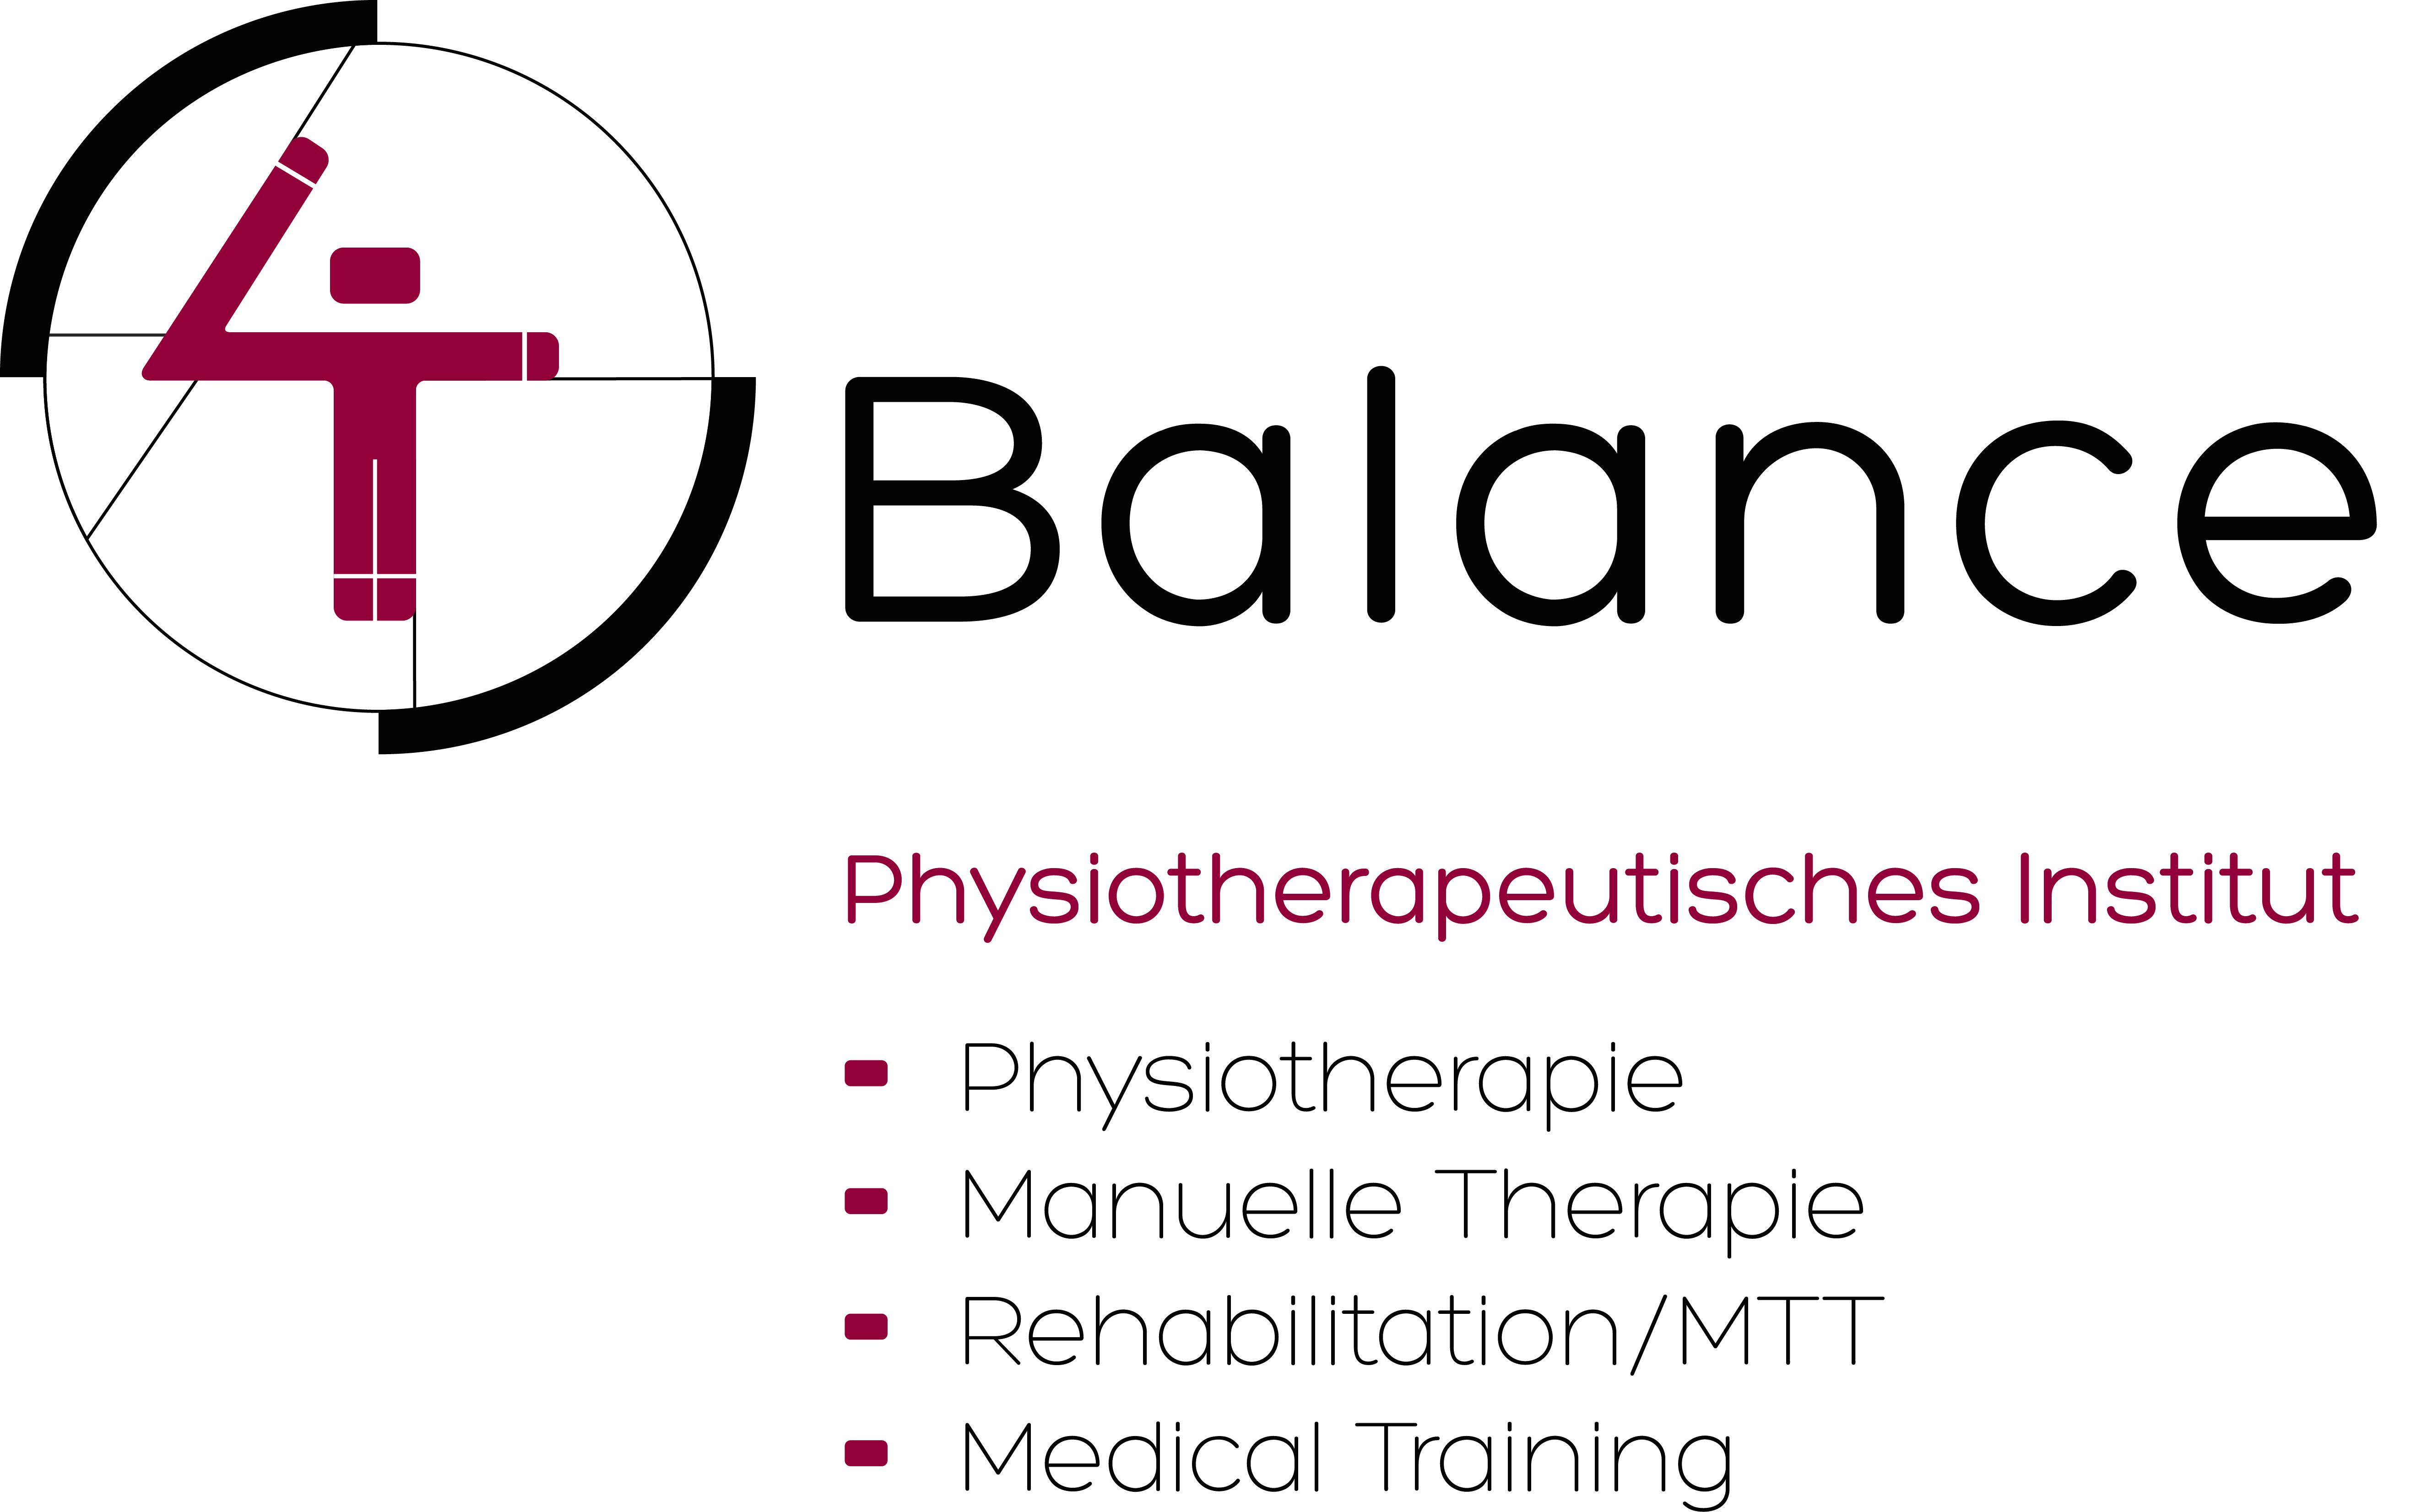 Physiotherapeutisches Institut